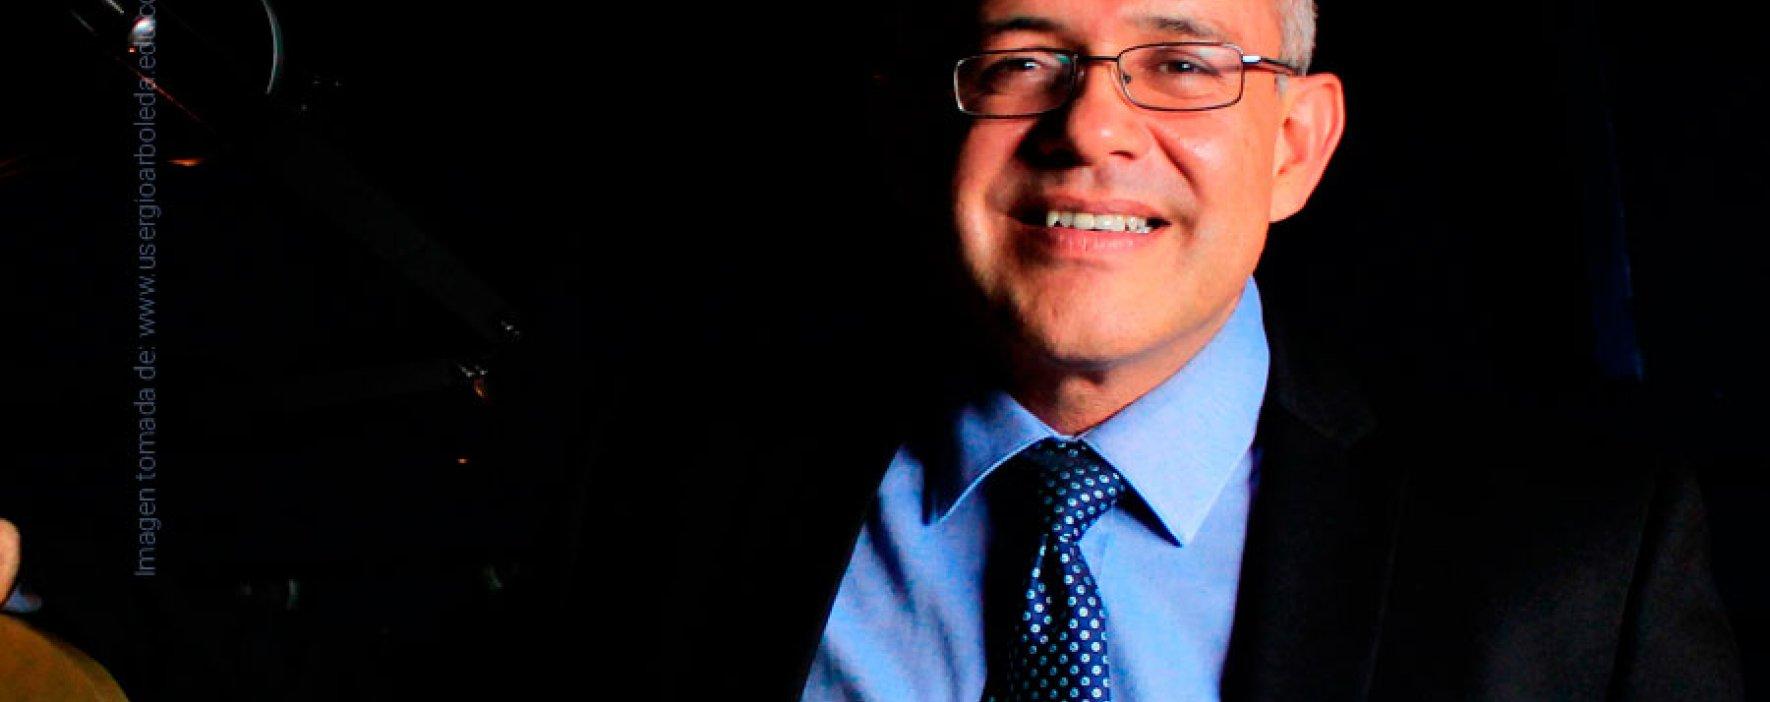 Charla con César Ocampo, investigador de la NASA